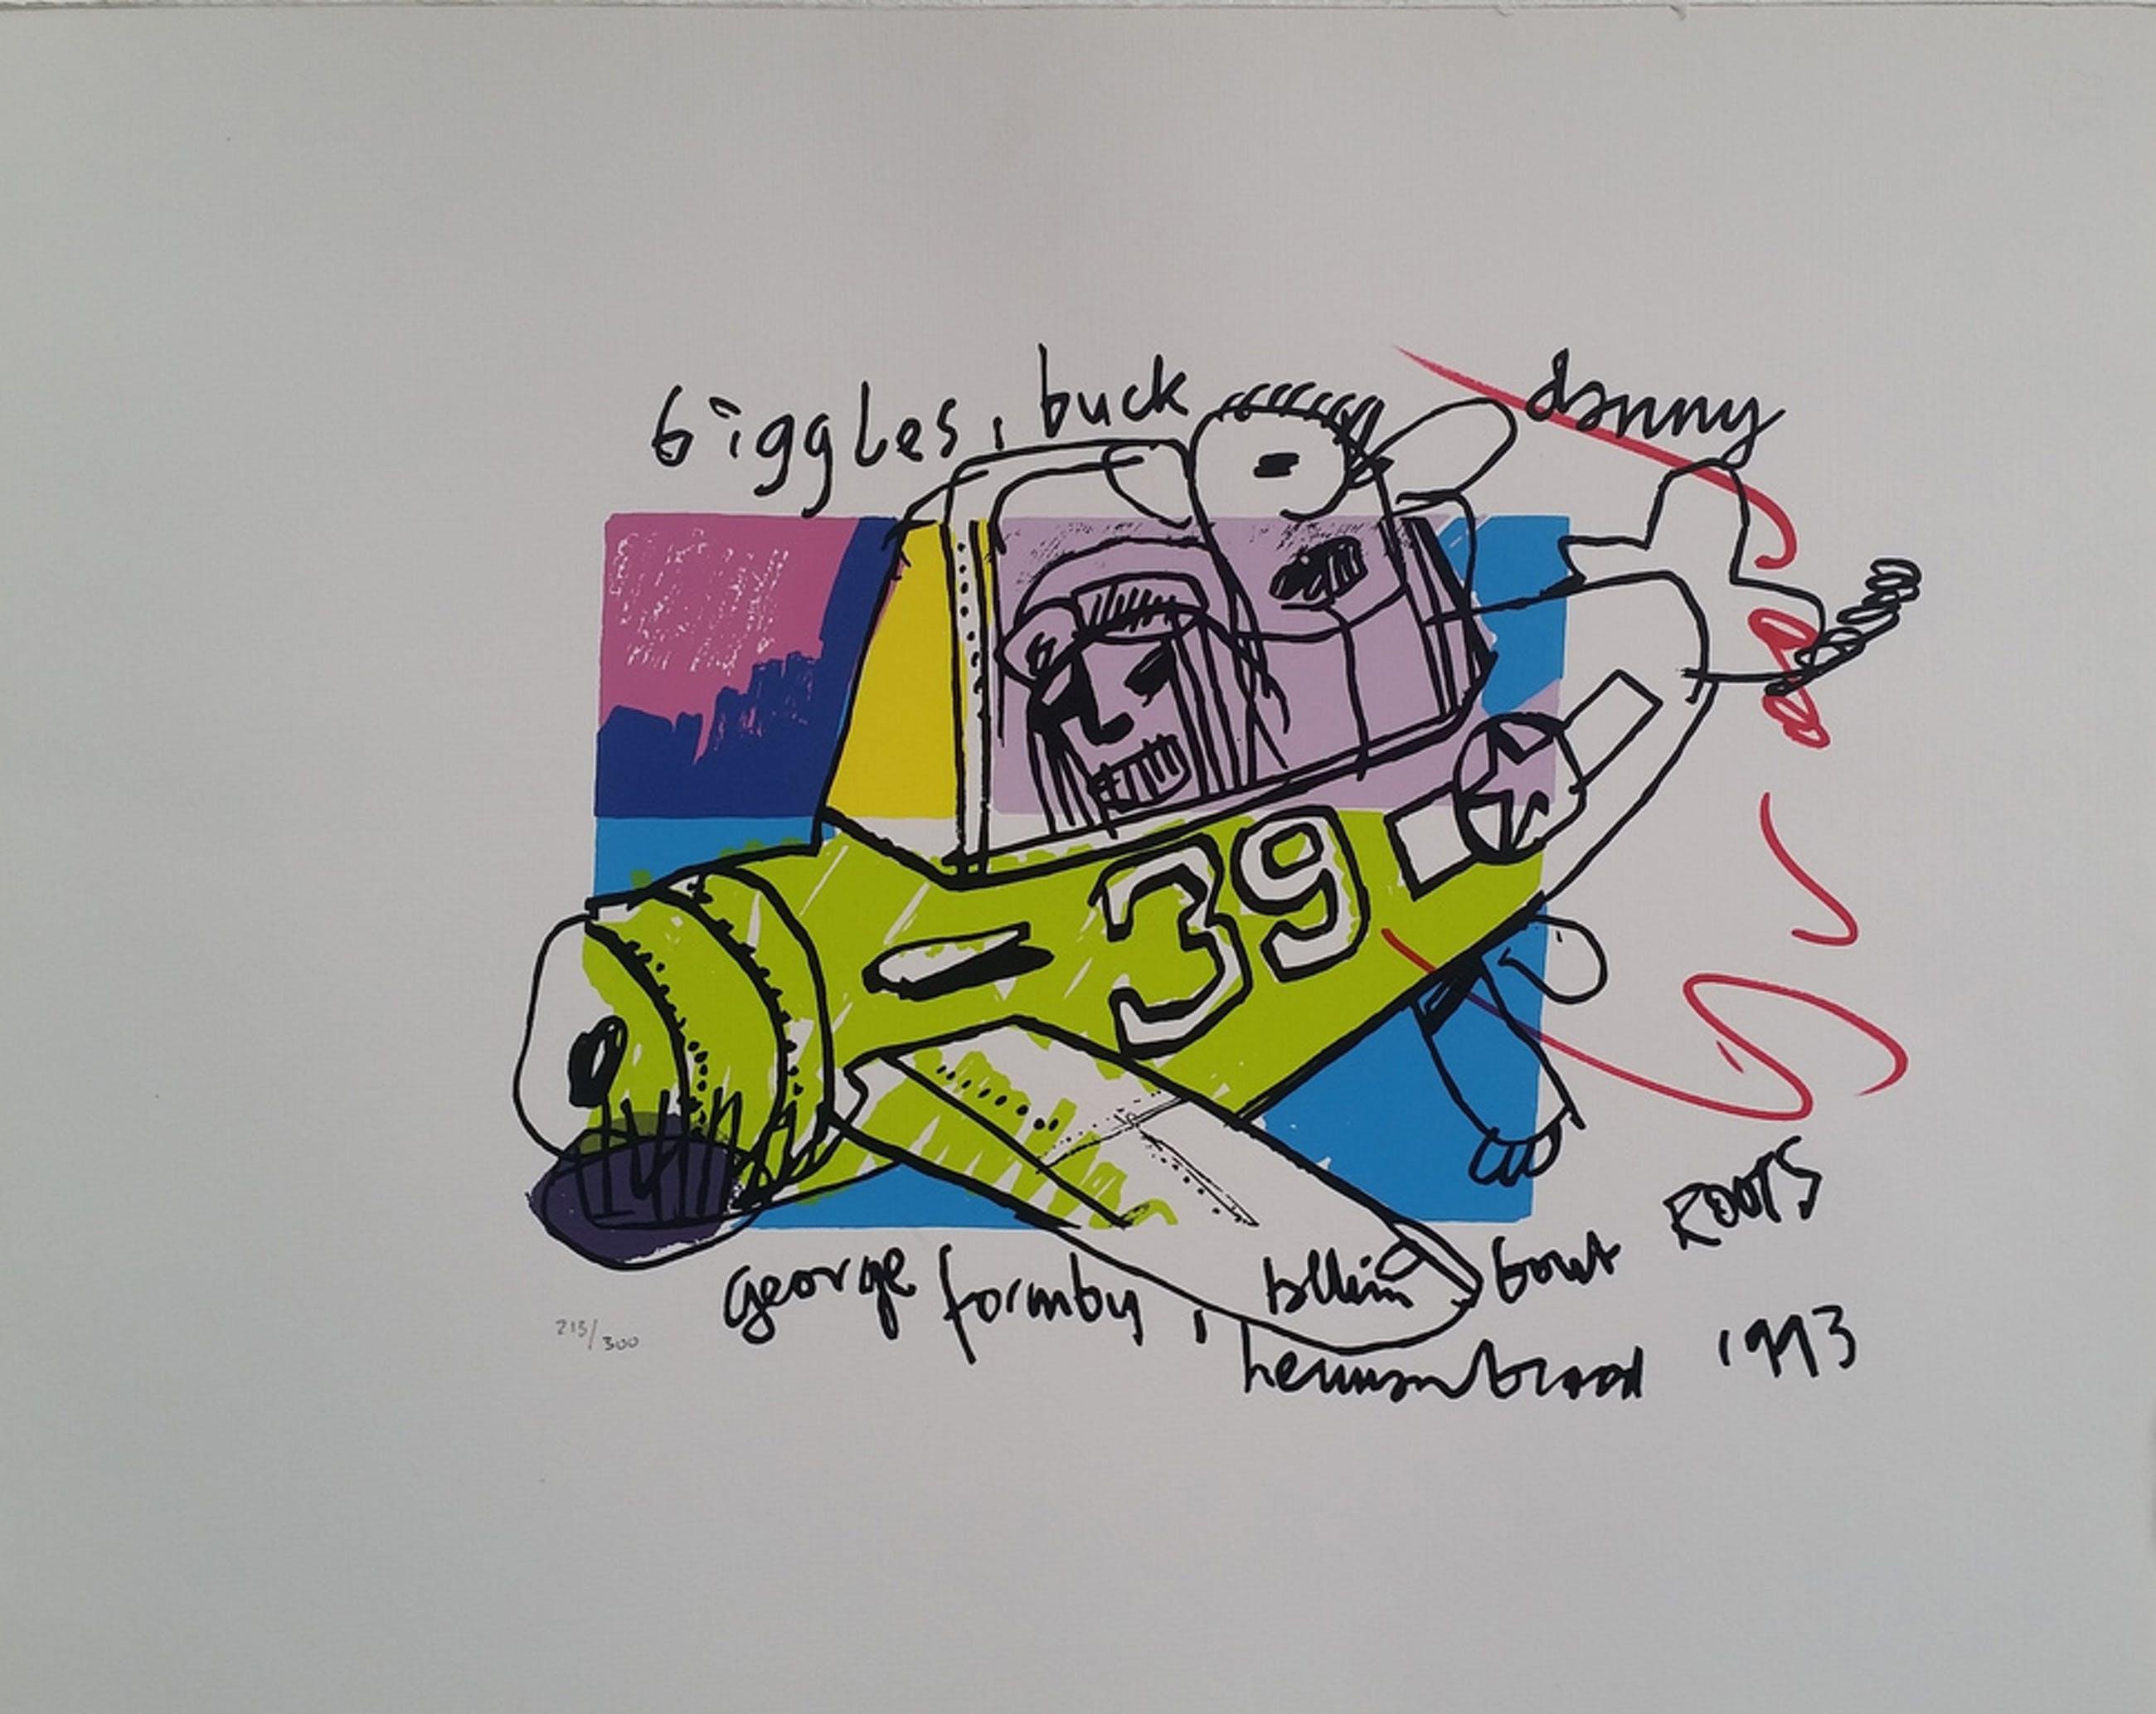 Biggles Buck - gesigneerde zeefdruk - oplage 300 ex. kopen? Bied vanaf 95!